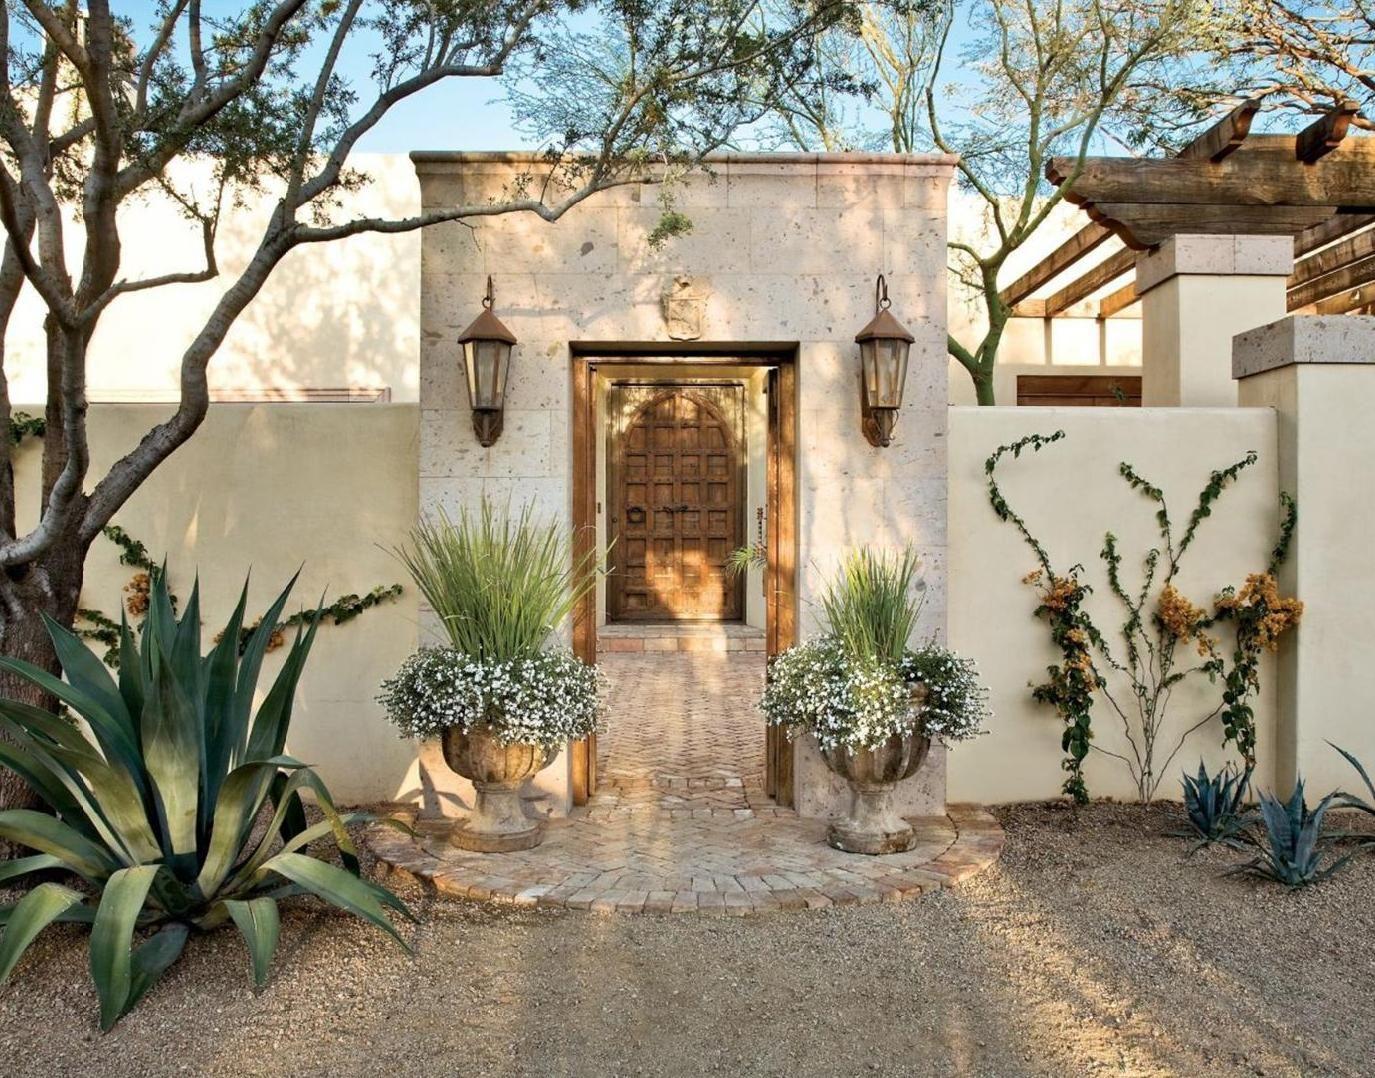 Cantera luce mucho para la entrada de una construcci n for Piani casa adobe hacienda